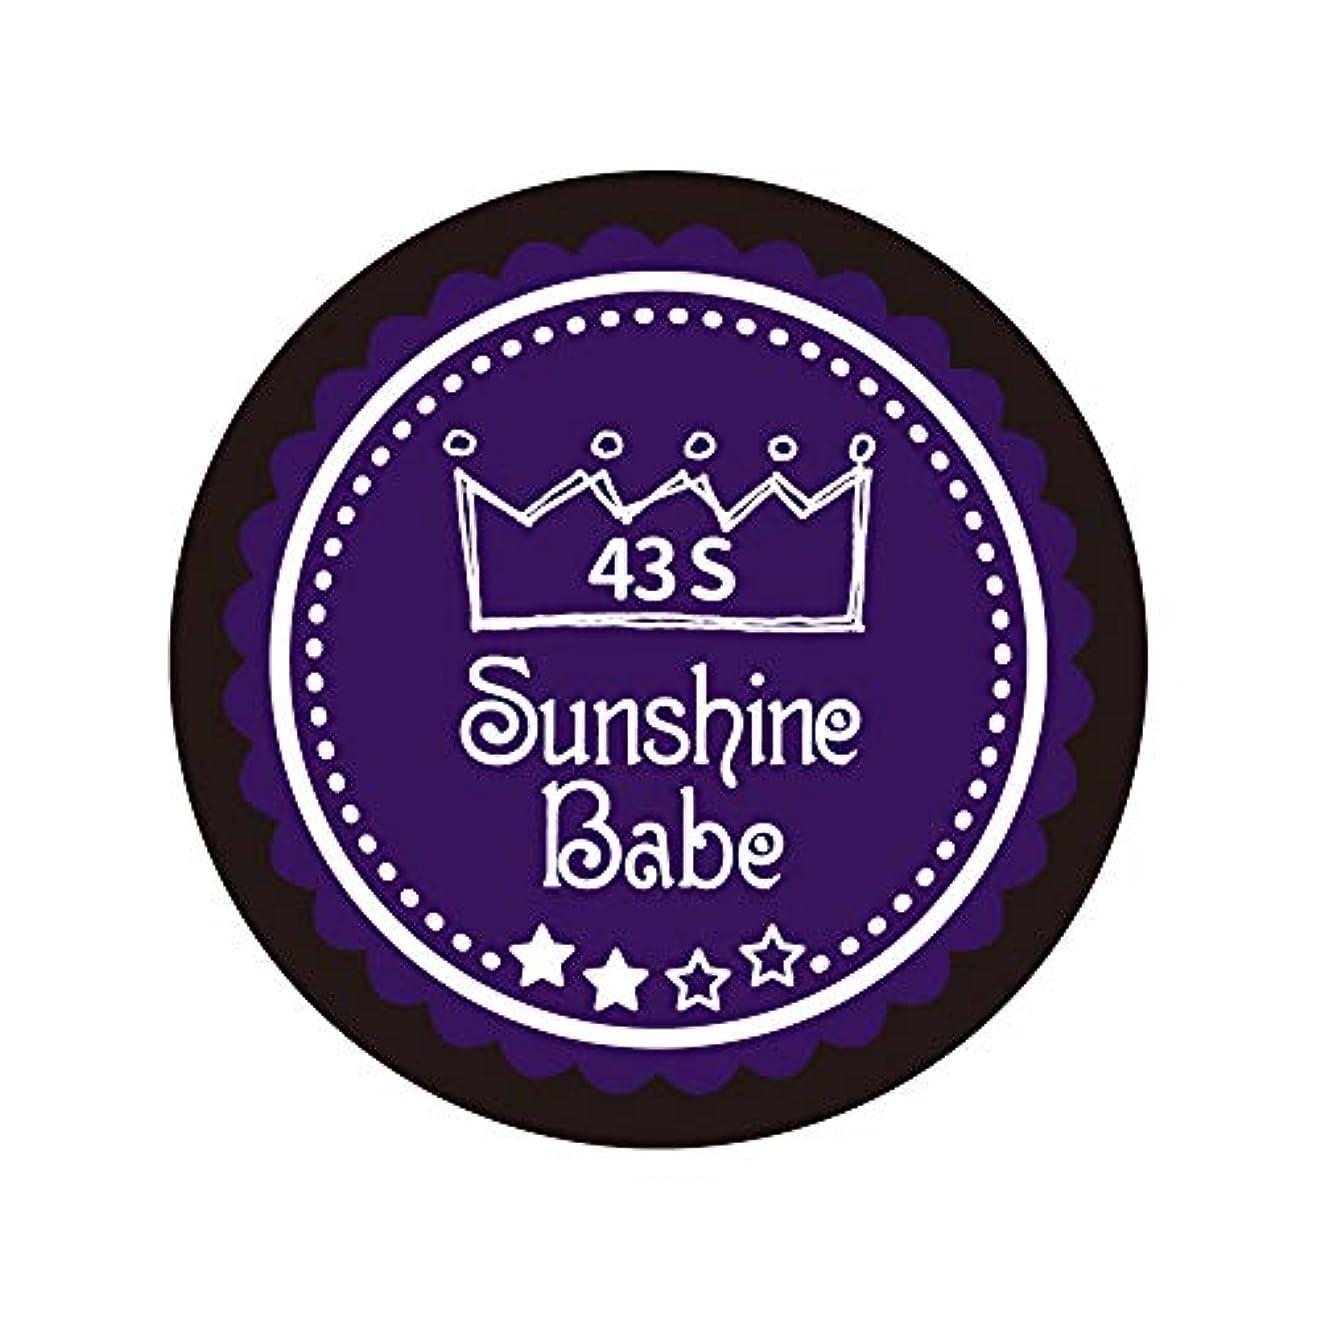 貴重なバーベキュー失敗Sunshine Babe カラージェル 43S オータムウルトラバイオレット 4g UV/LED対応